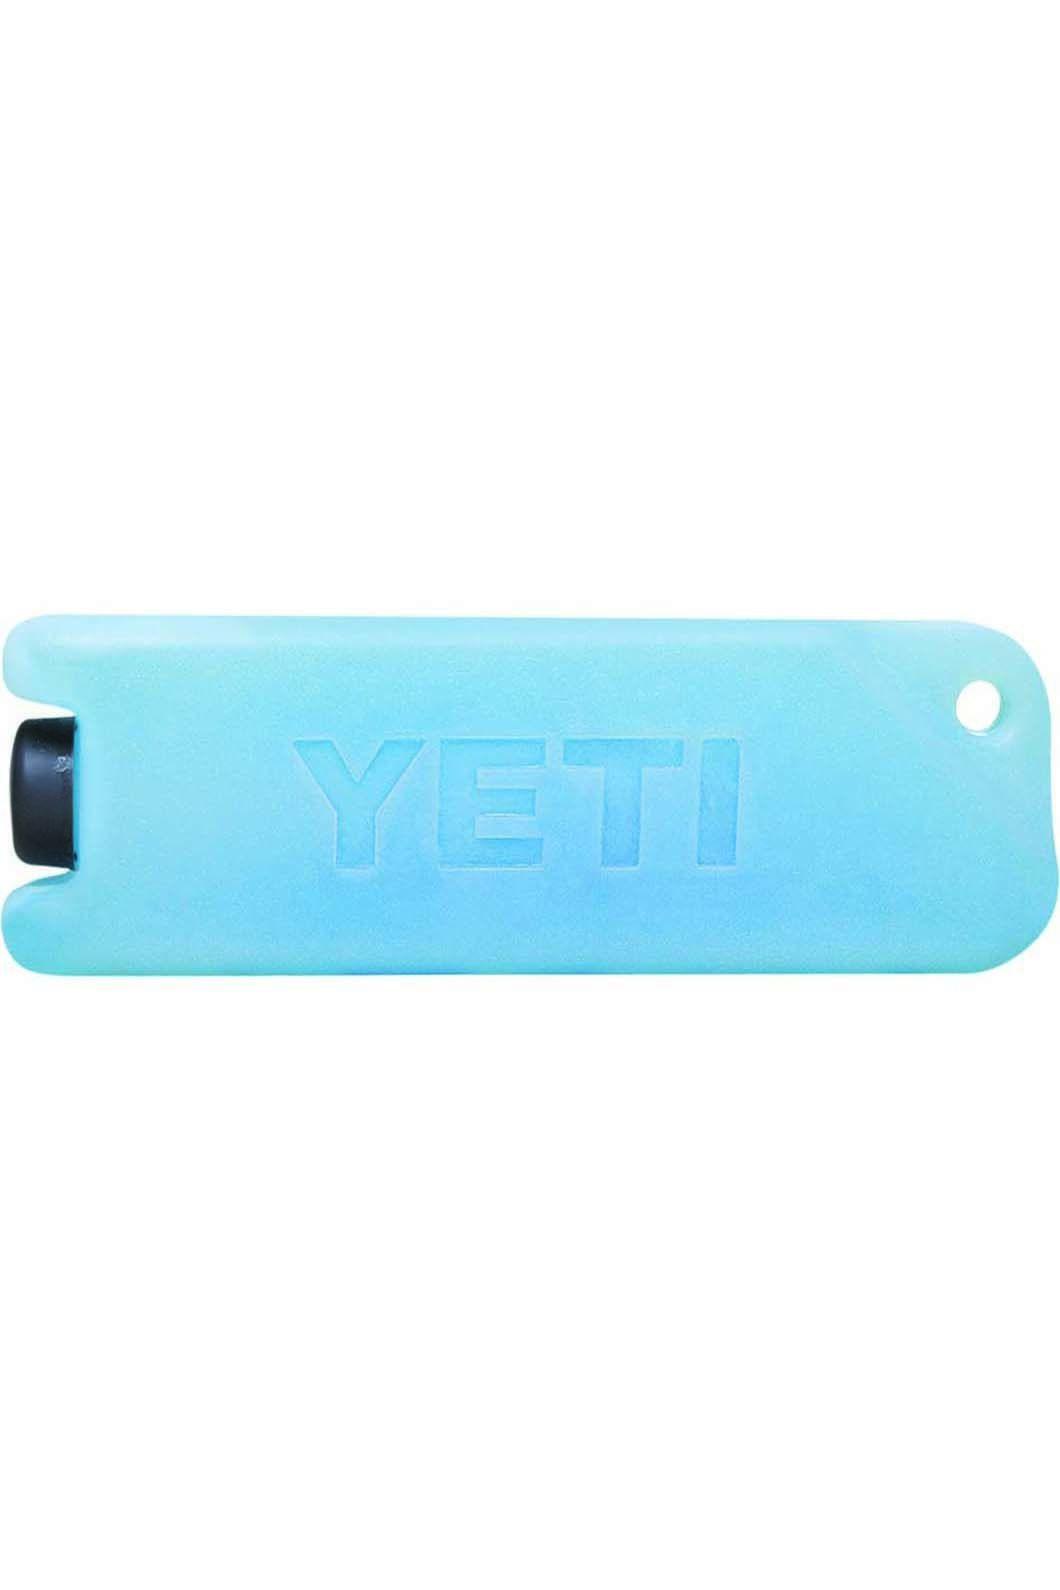 Yeti Ice -2C 1lb, None, hi-res